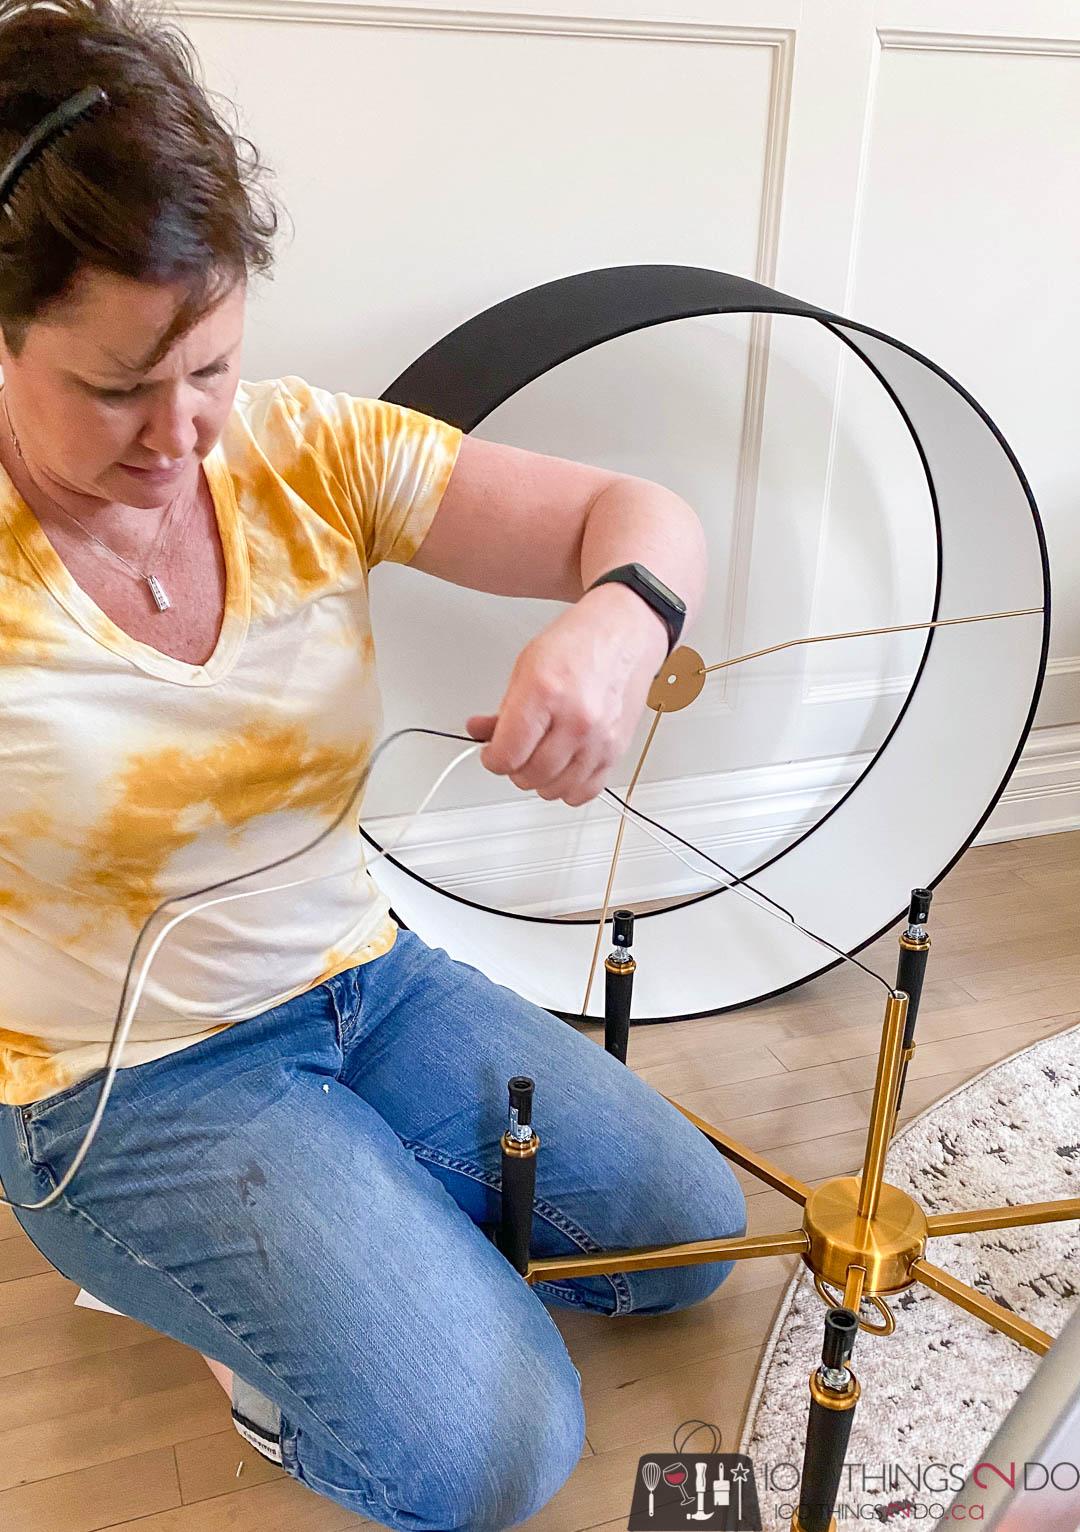 assembling a chandelier